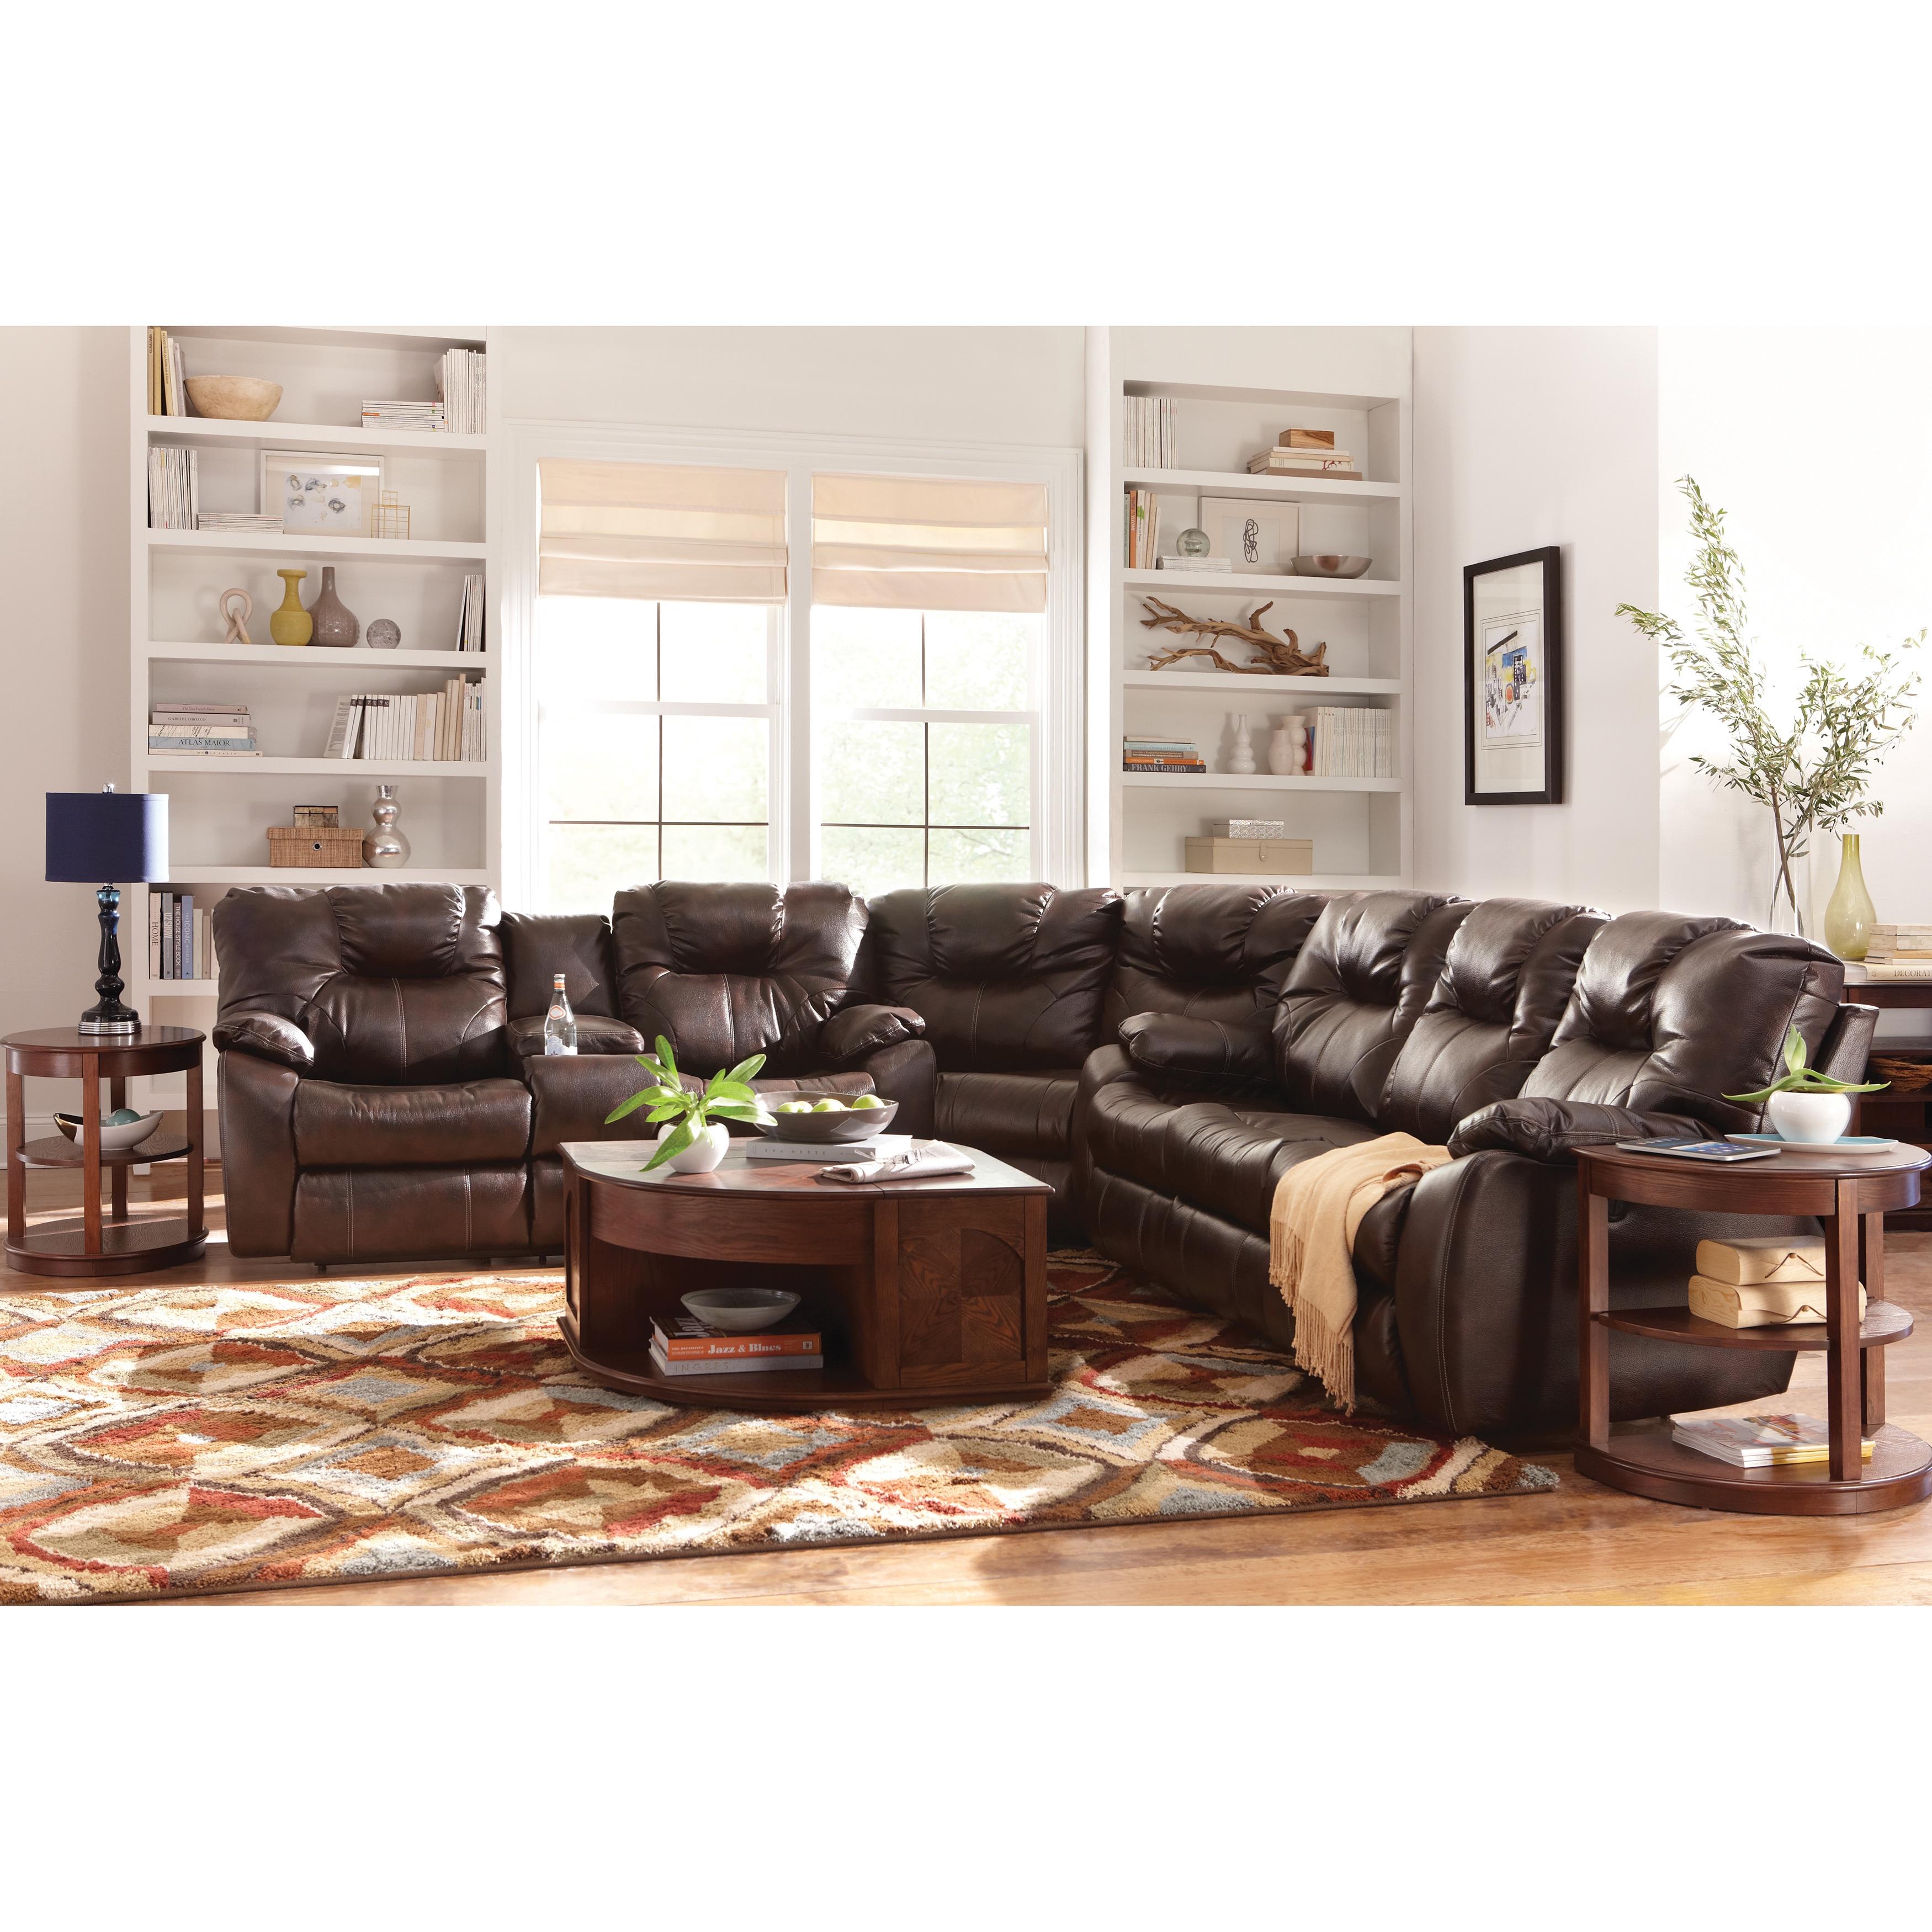 Shop Art Van 3 Piece Sectional With Power Sofa Overstock 9948718